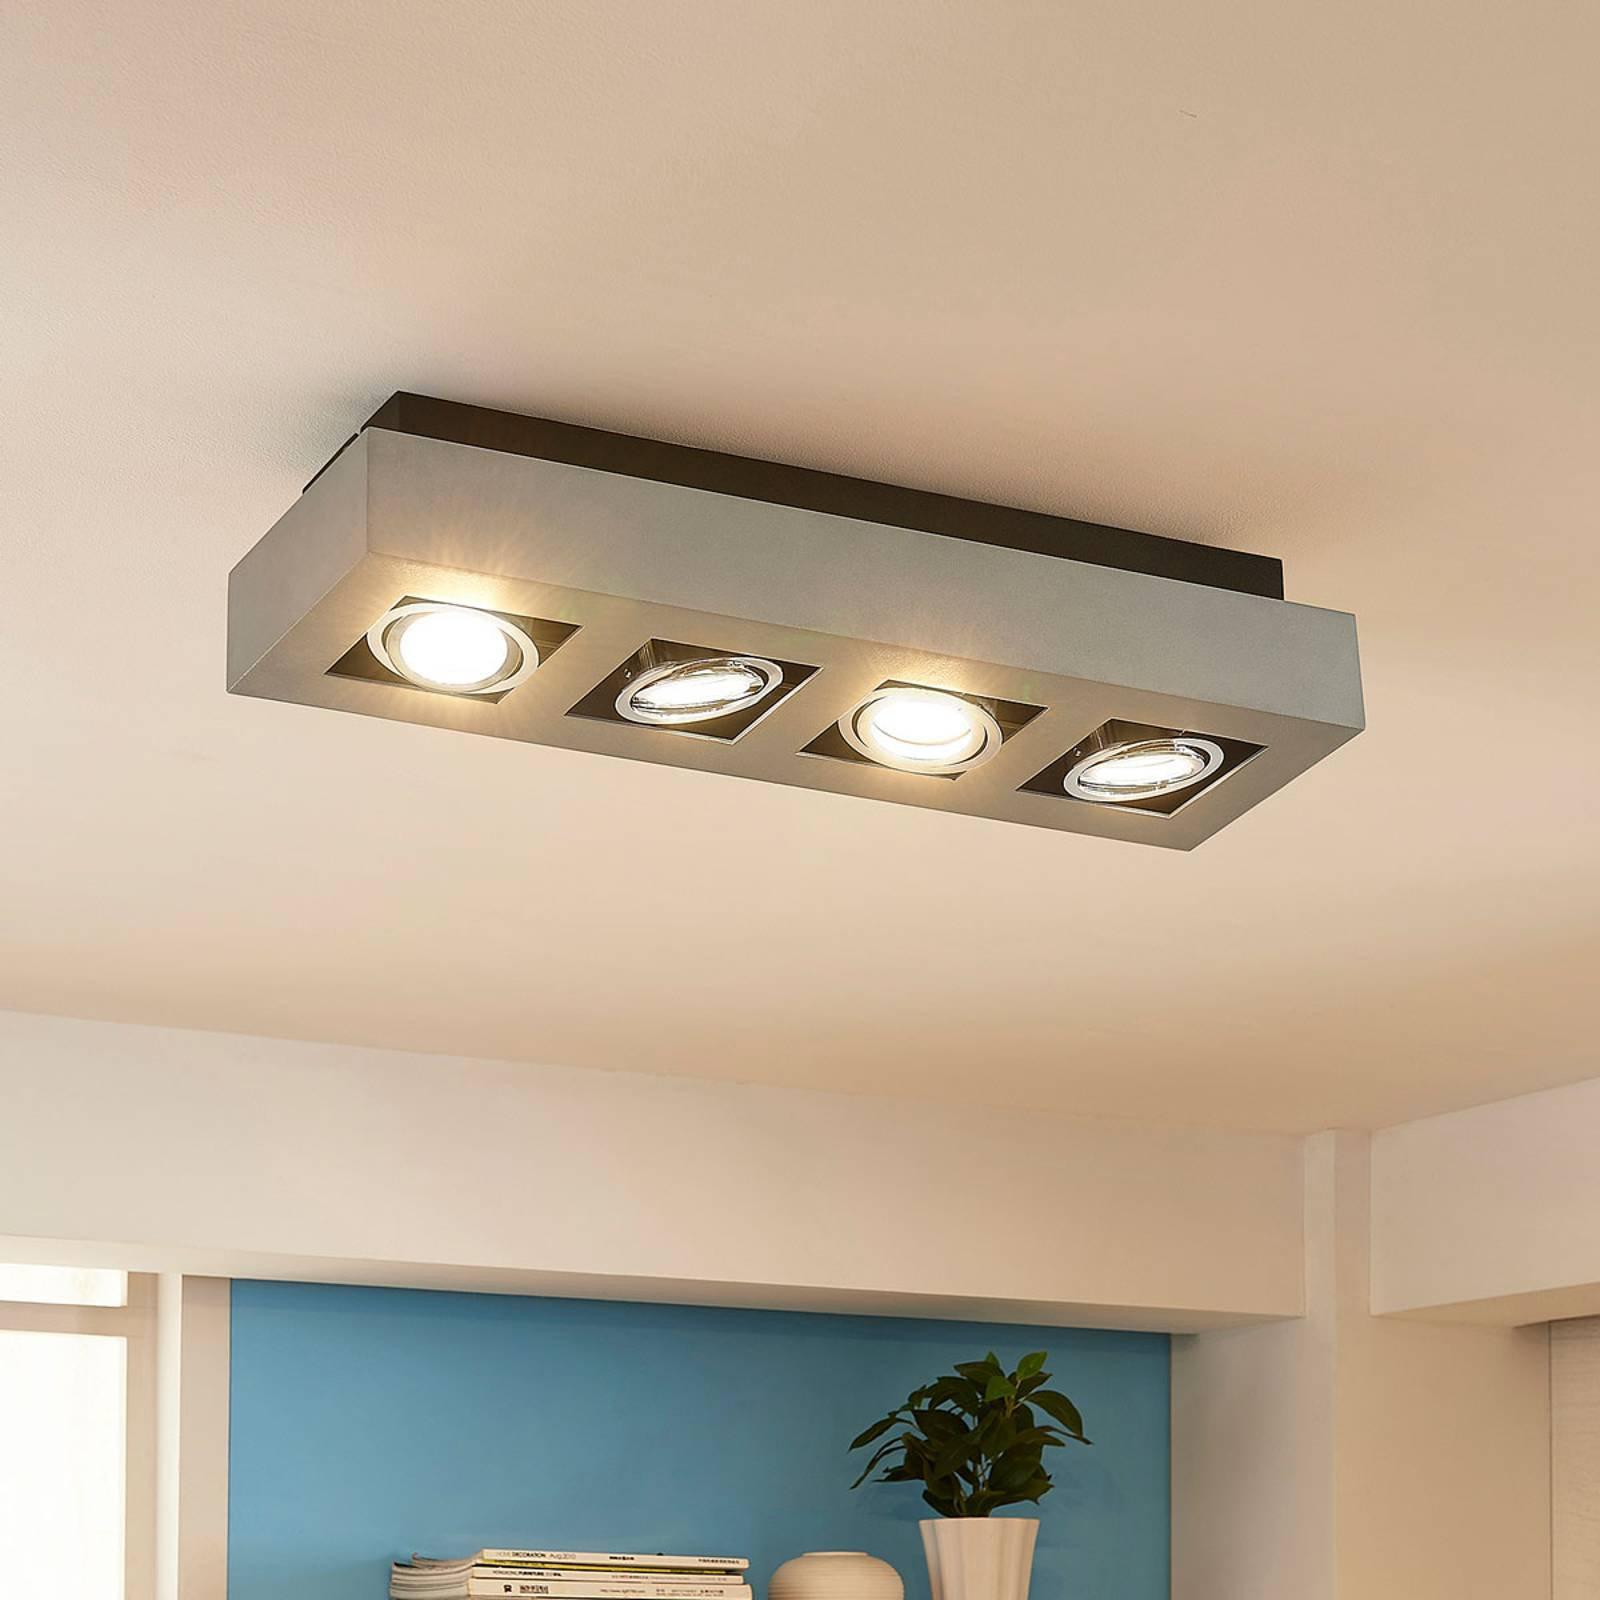 LED-taklampe Vince med 4 lyskilder